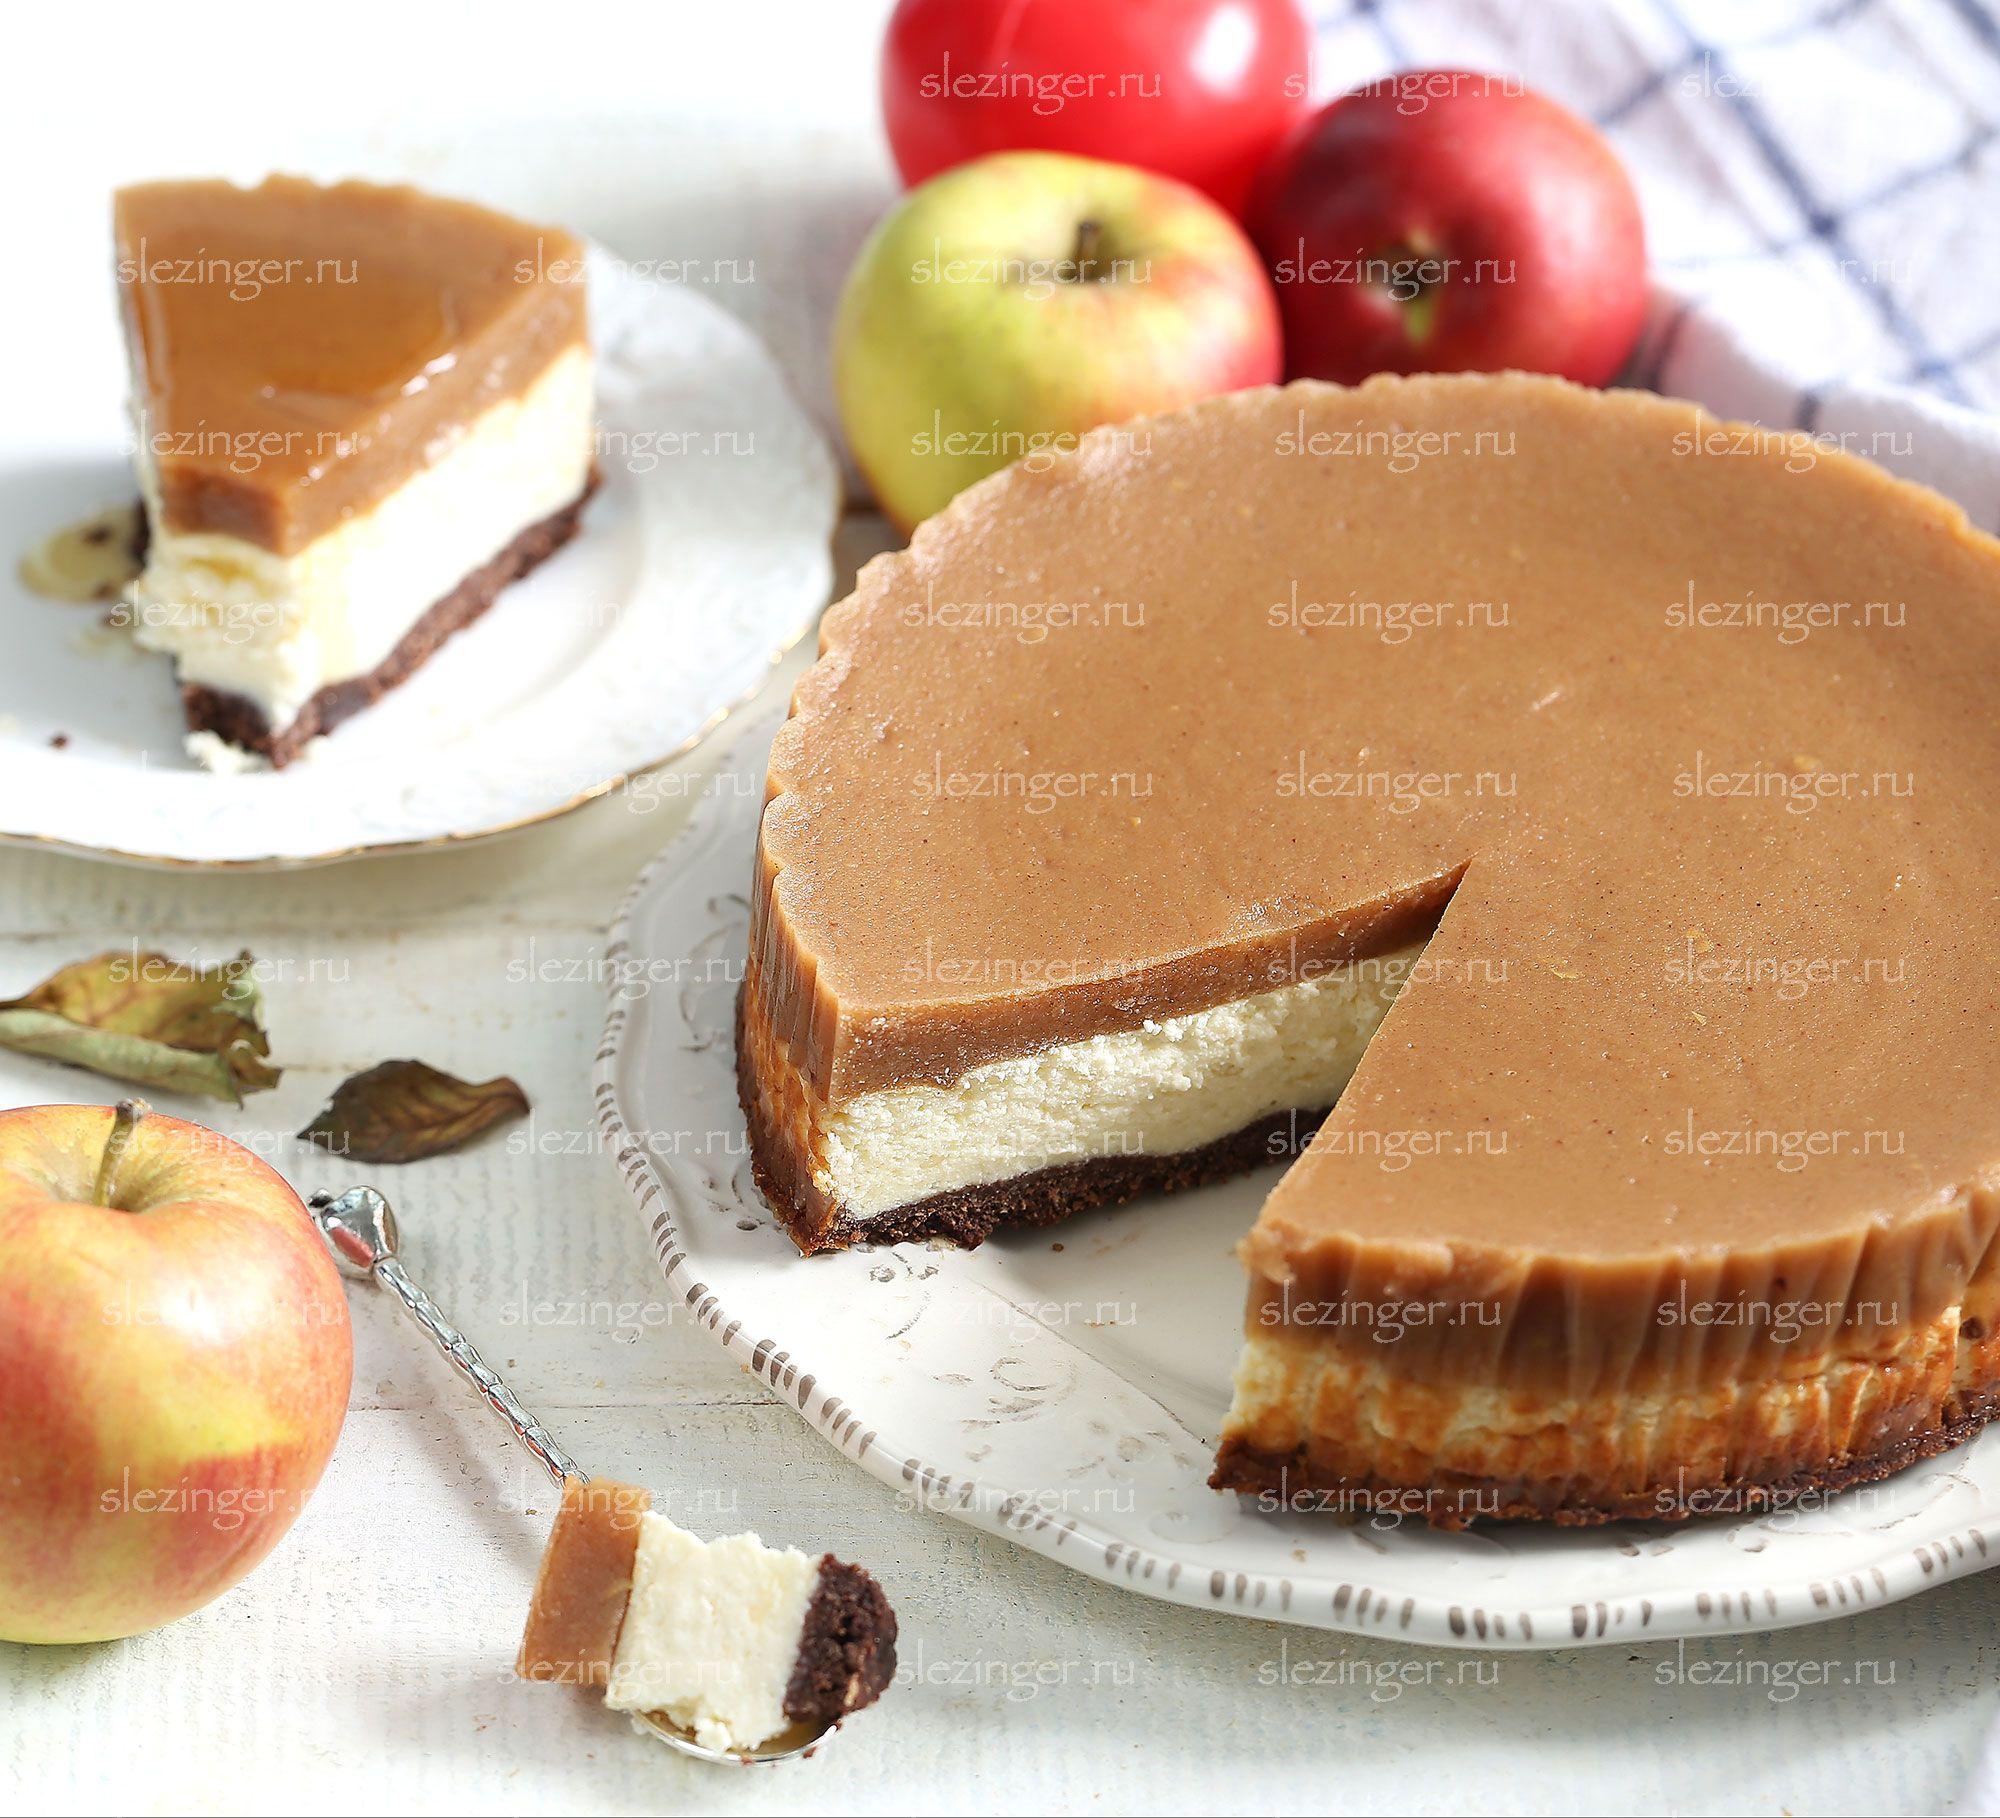 Творожно Яблочные Диета. Диета «Творог и яблоки»